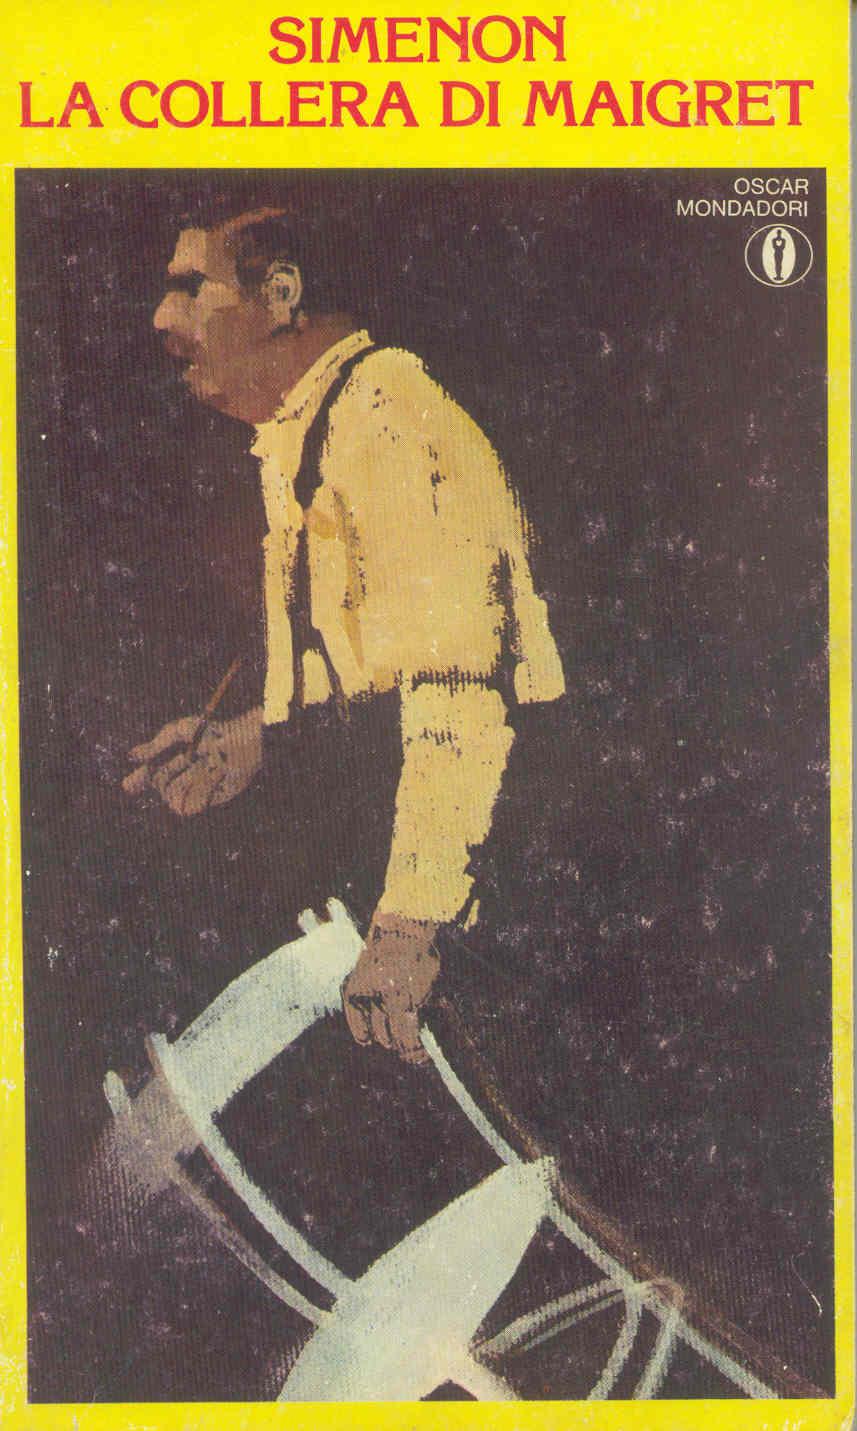 Image of La collera di Maigret